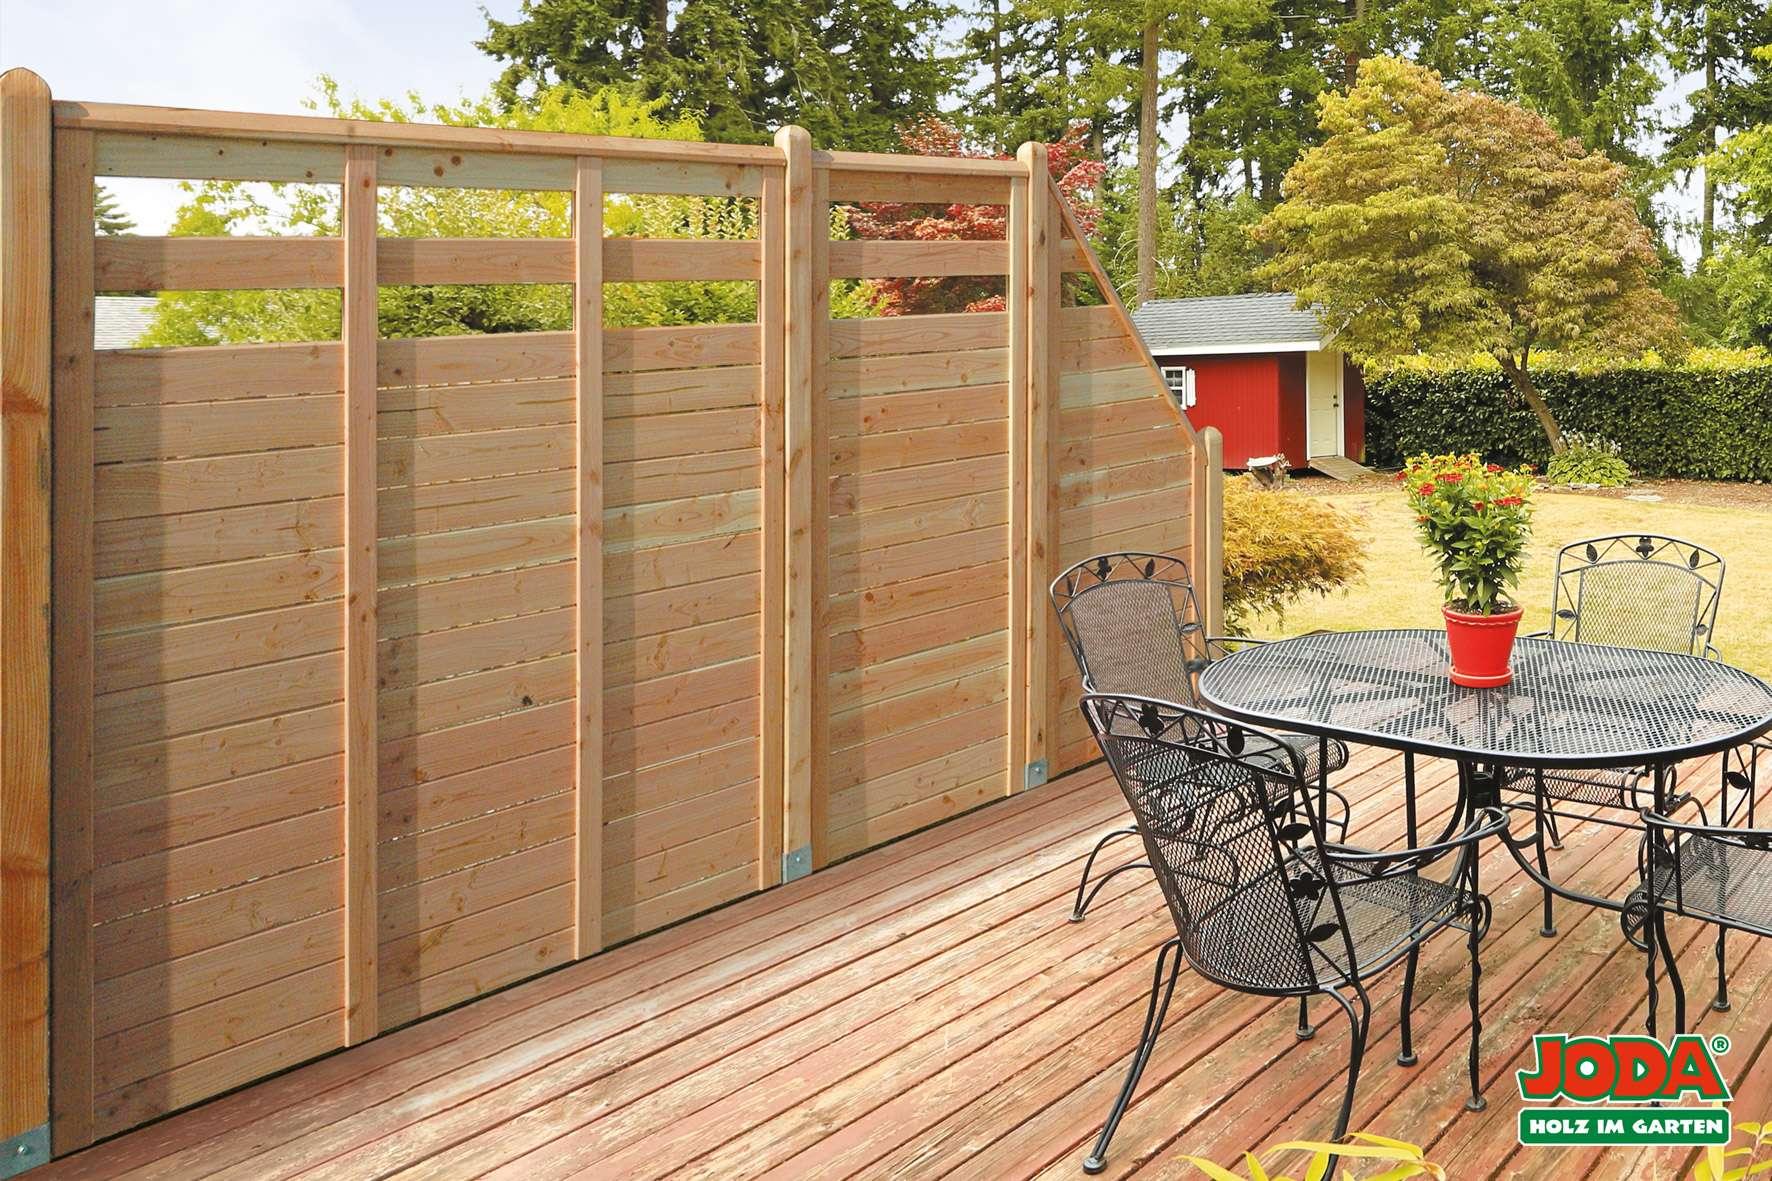 Schön Sichtschutz Garten Holz Design